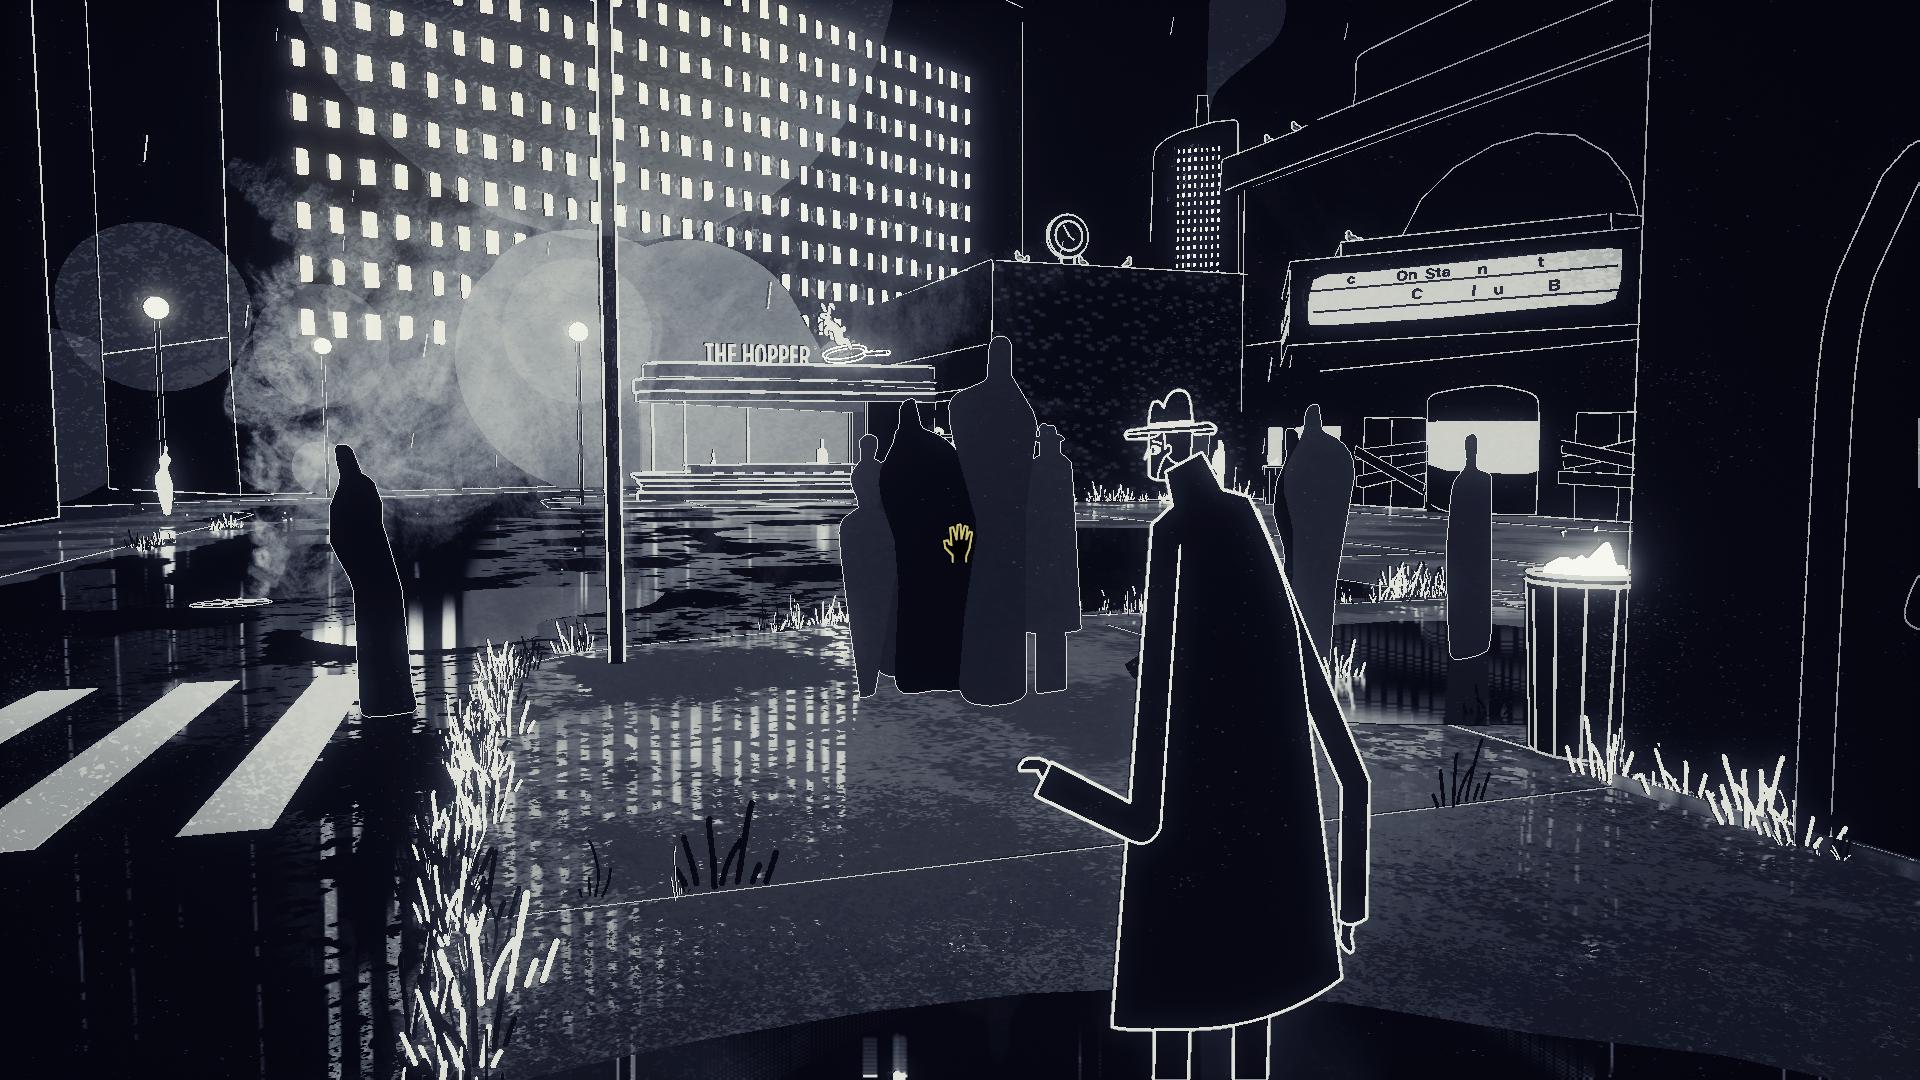 Genesis Noir game screenshot, Street